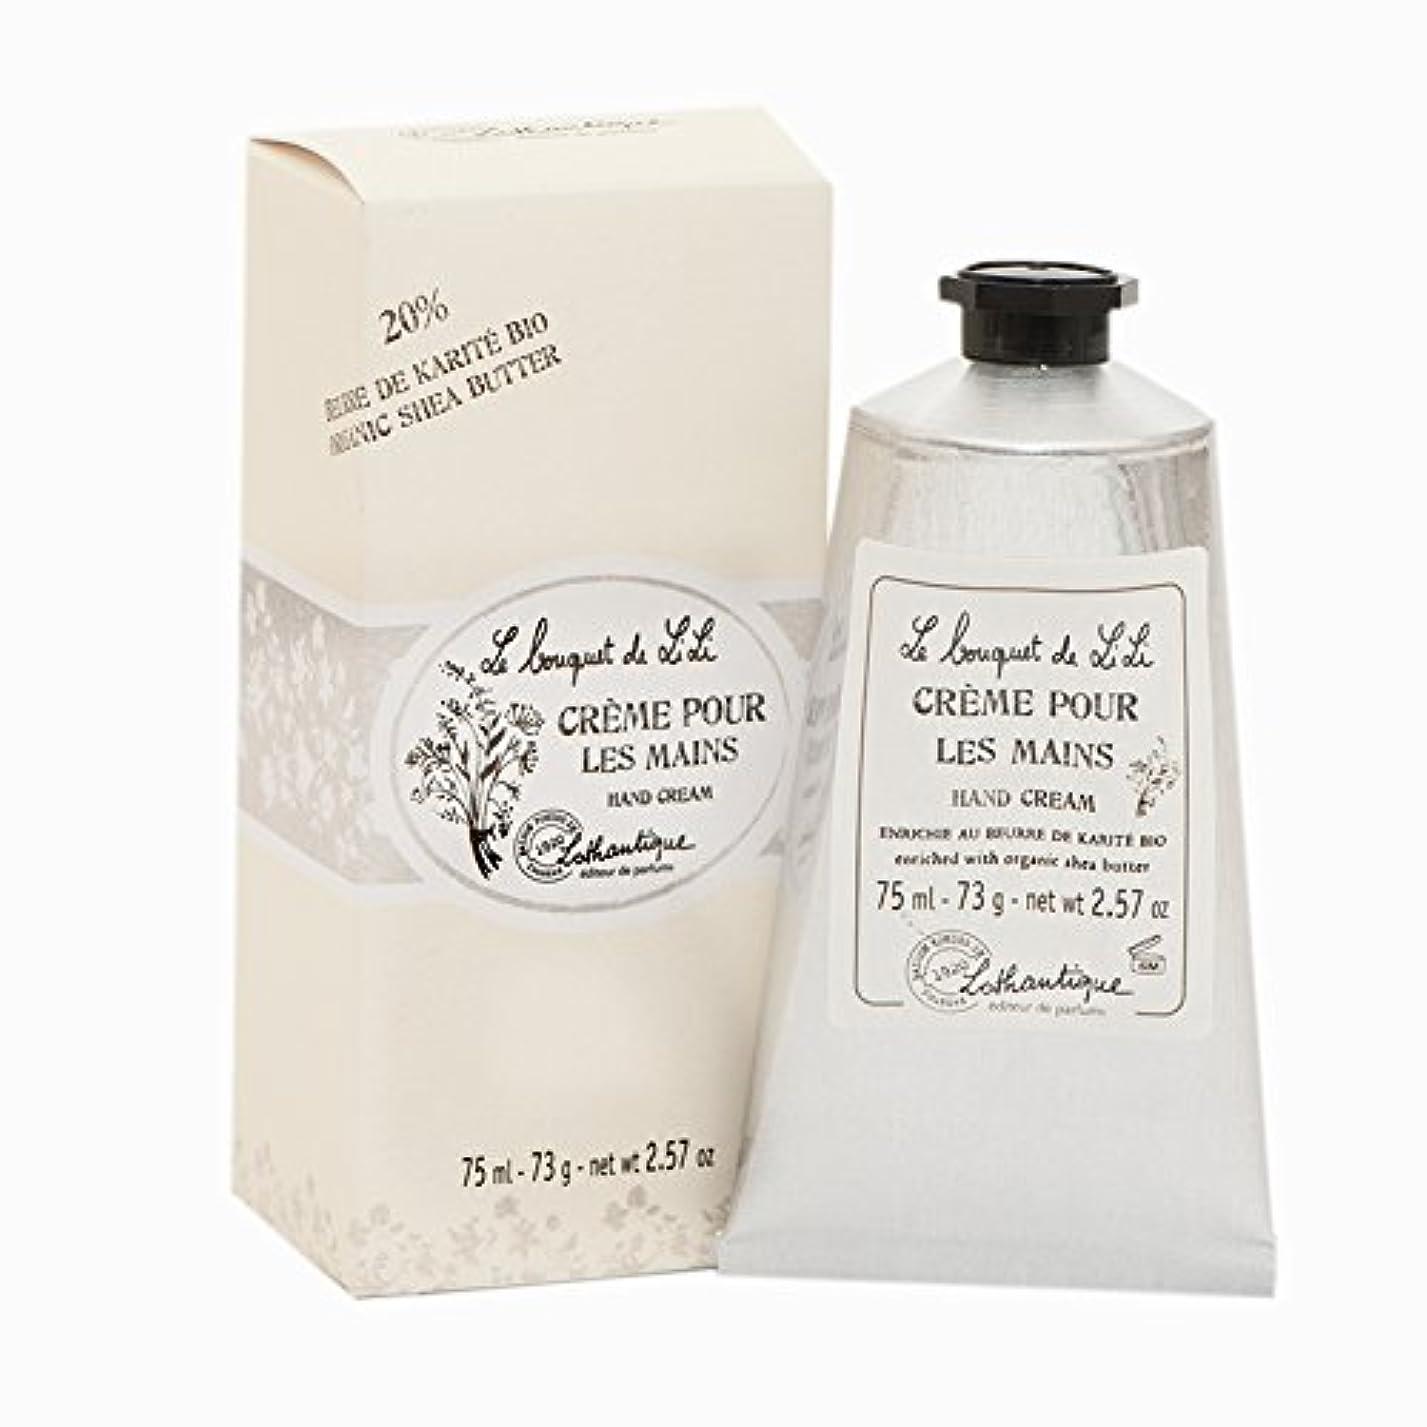 引数単なる仕様Lothantique(ロタンティック) Le bouquet de LiLi(ブーケドゥリリシリーズ) ハンドクリーム 75ml 3420070029096